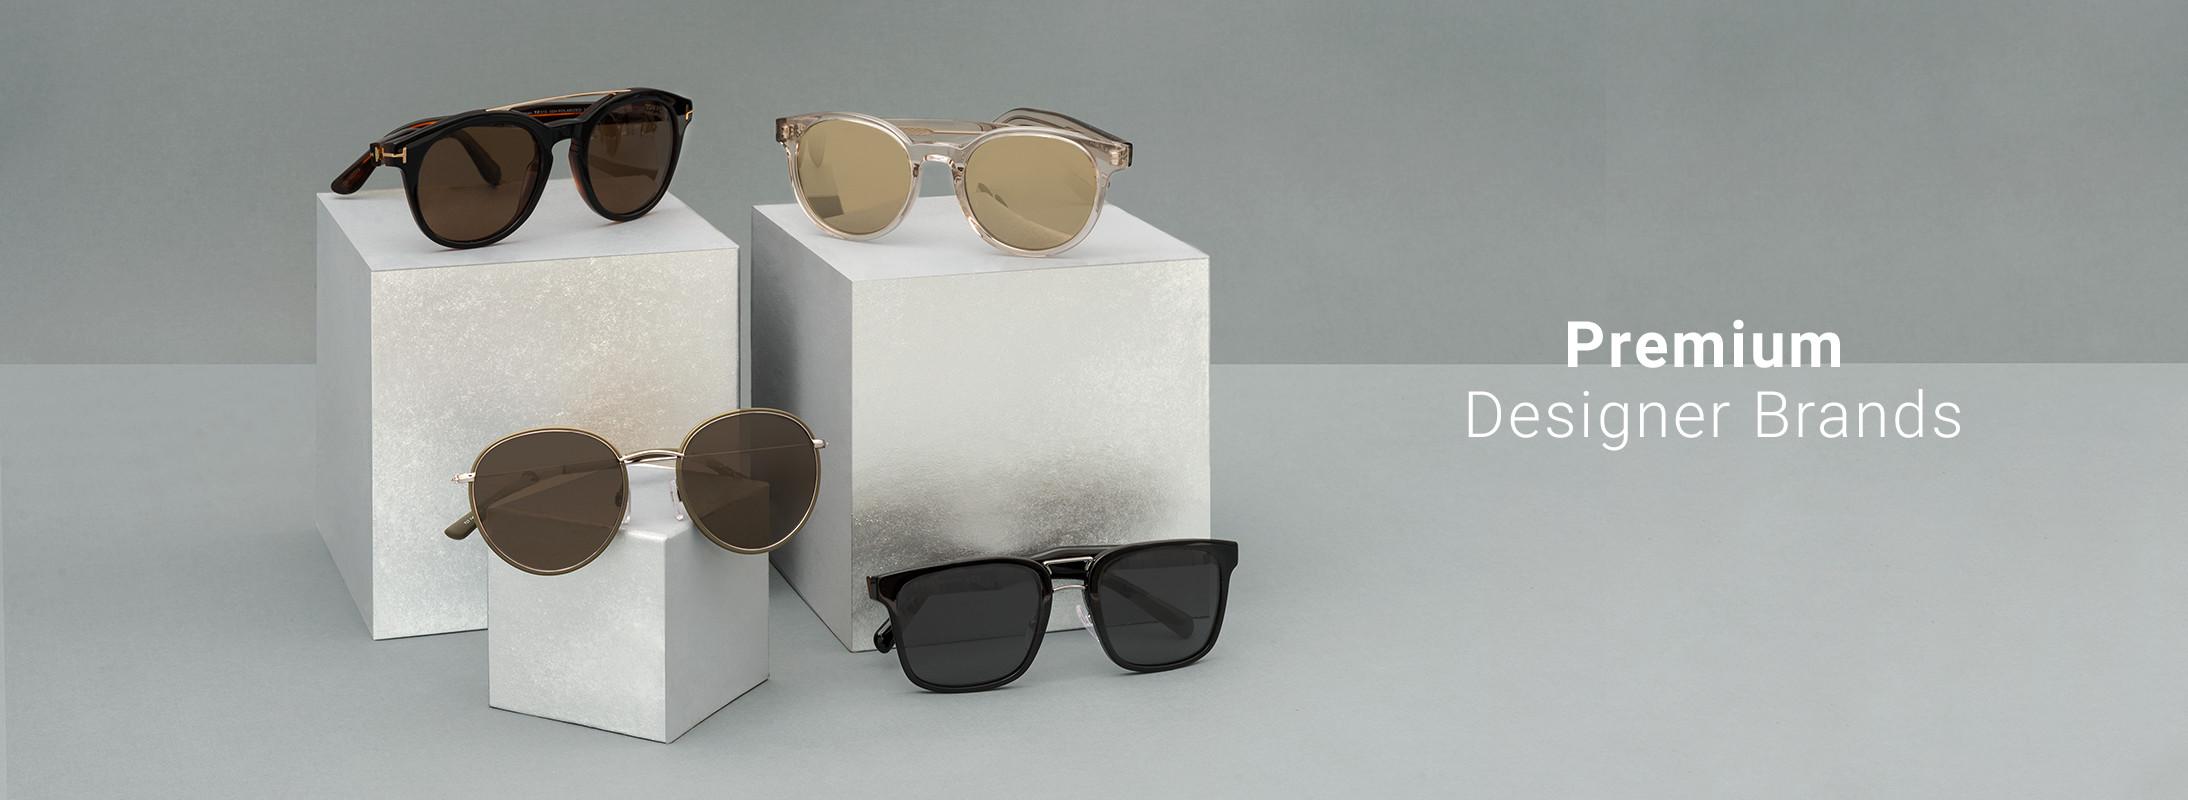 Premium Designerbrands